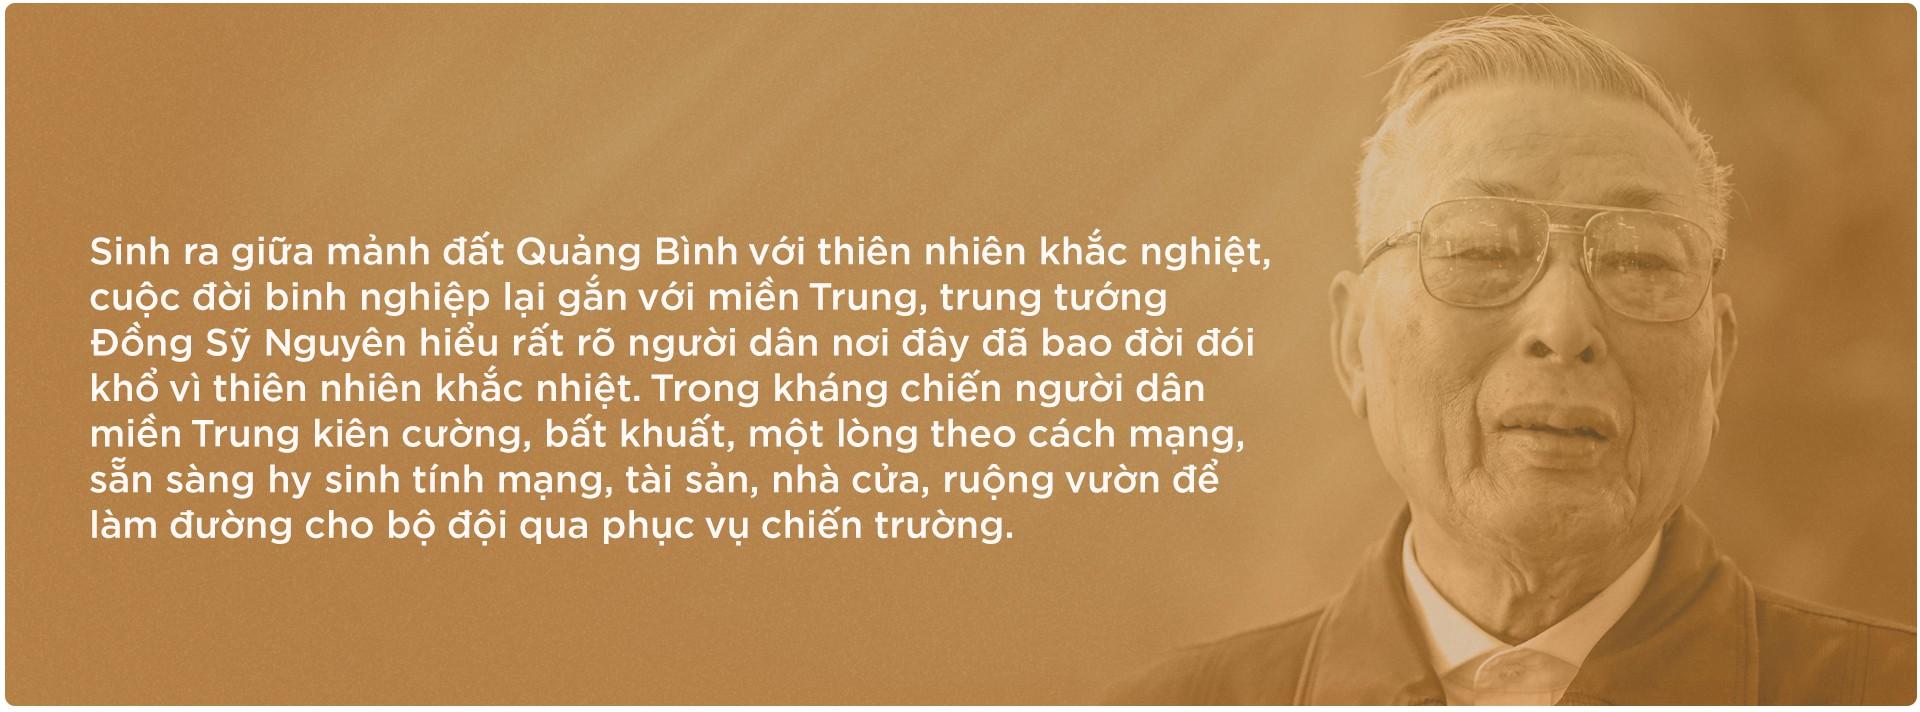 Vĩnh biệt vị tướng già huyền thoại - Đồng Sỹ Nguyên - Ảnh 13.